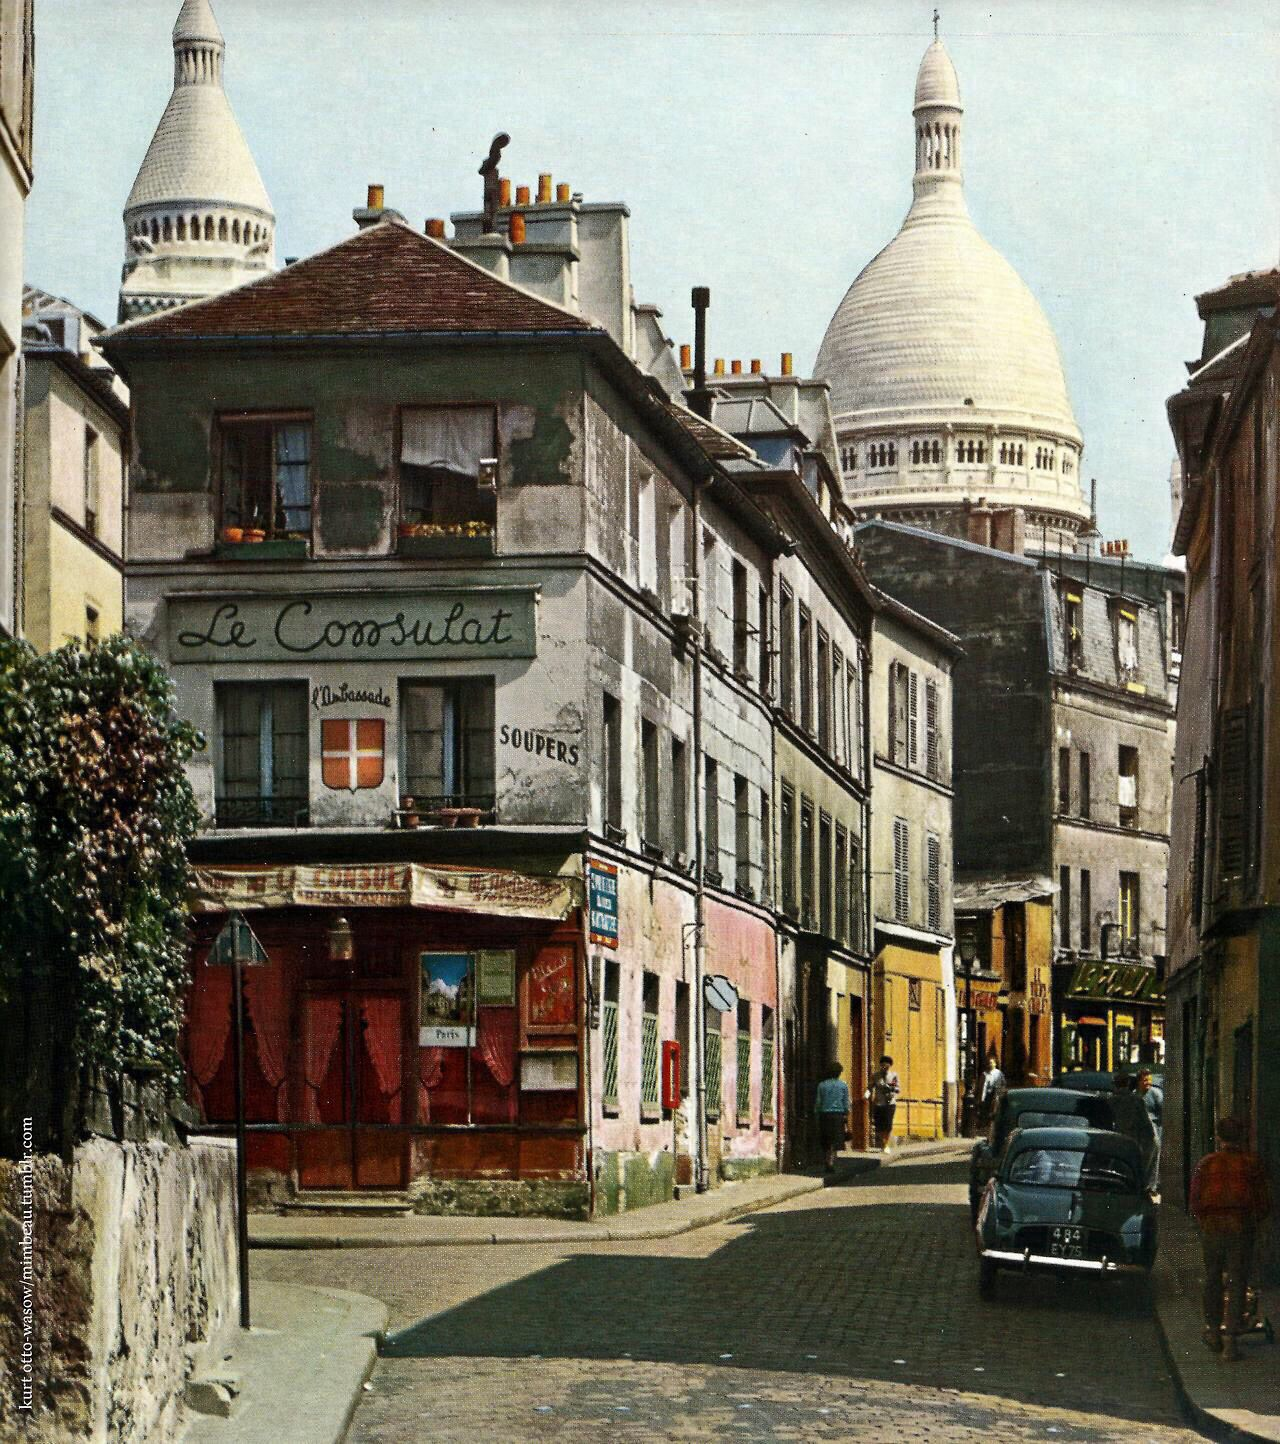 Montmartre, Paris in the 1950s